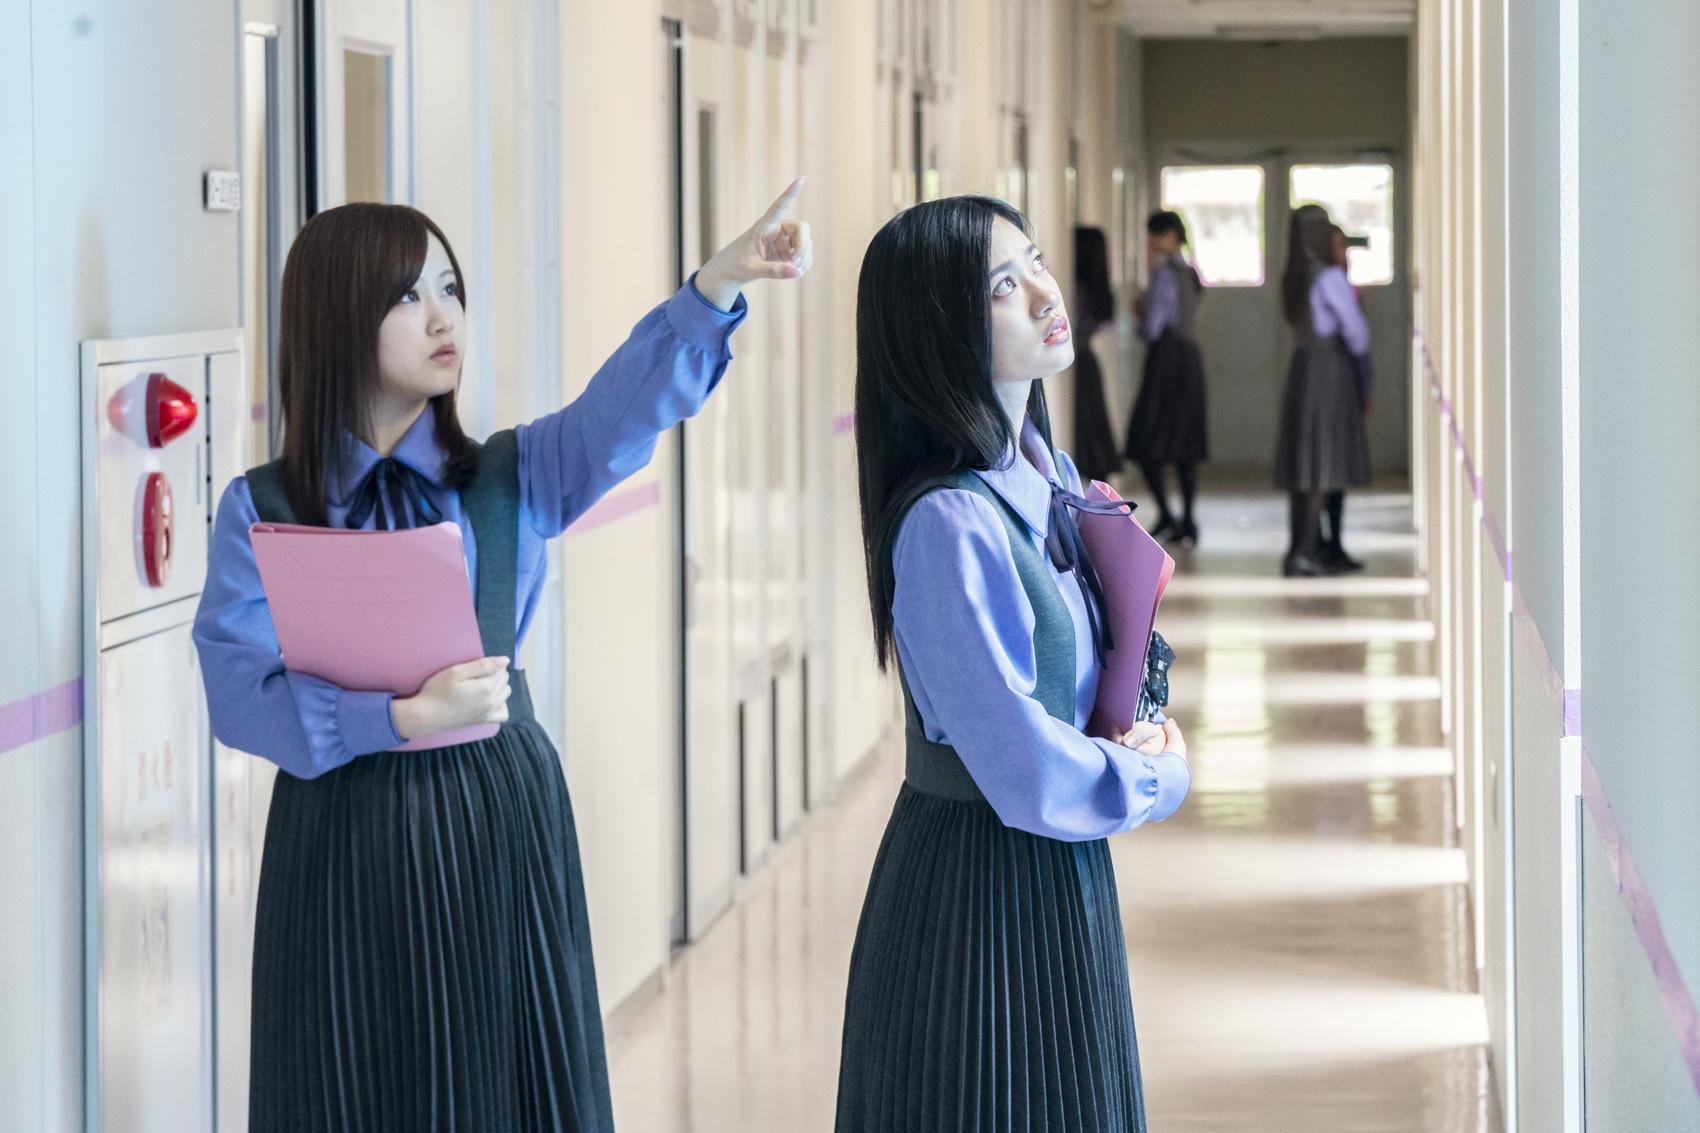 乃木坂46・齋藤飛鳥の主演ドラマ『ザンビ』 天井裏に引きずり込まれる ...